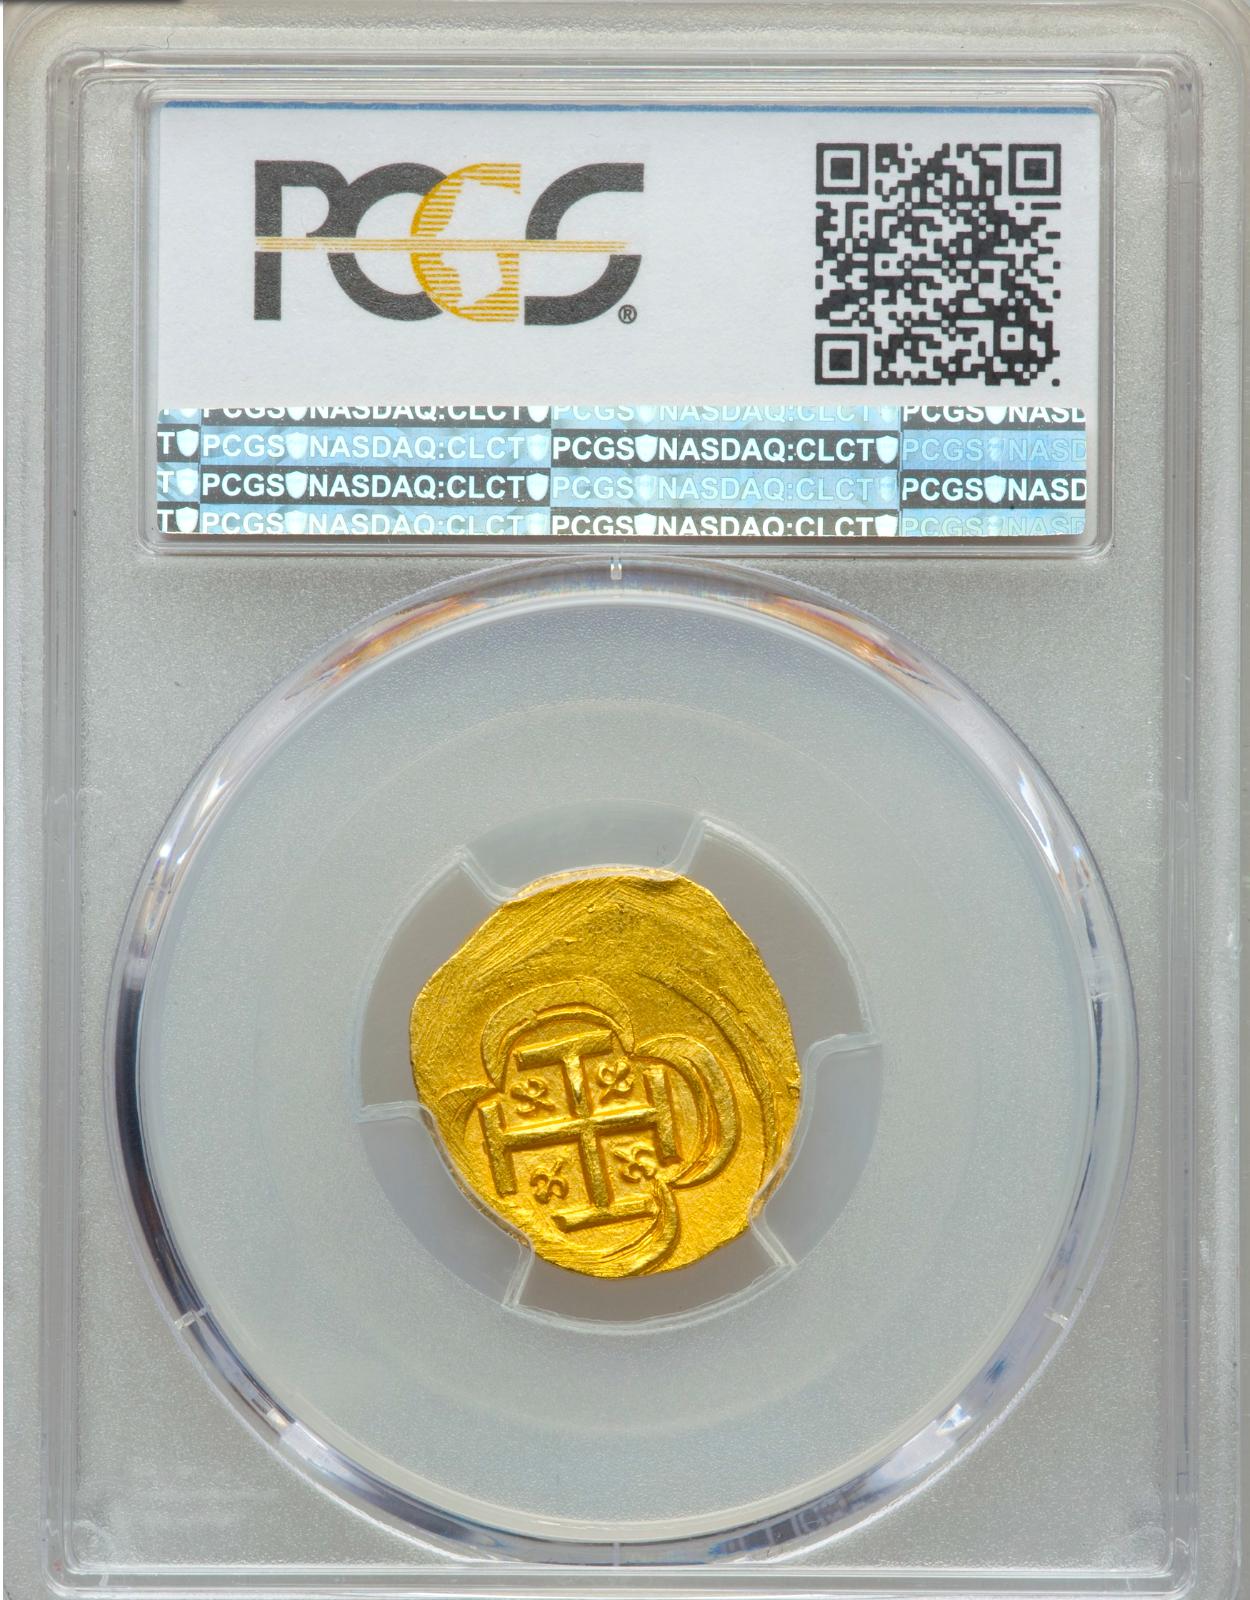 MEXICO 1711-31 2 ESCUDOS PCGS 63 SHIPWRECK DOUBLOON GOLD TREASURE COIN